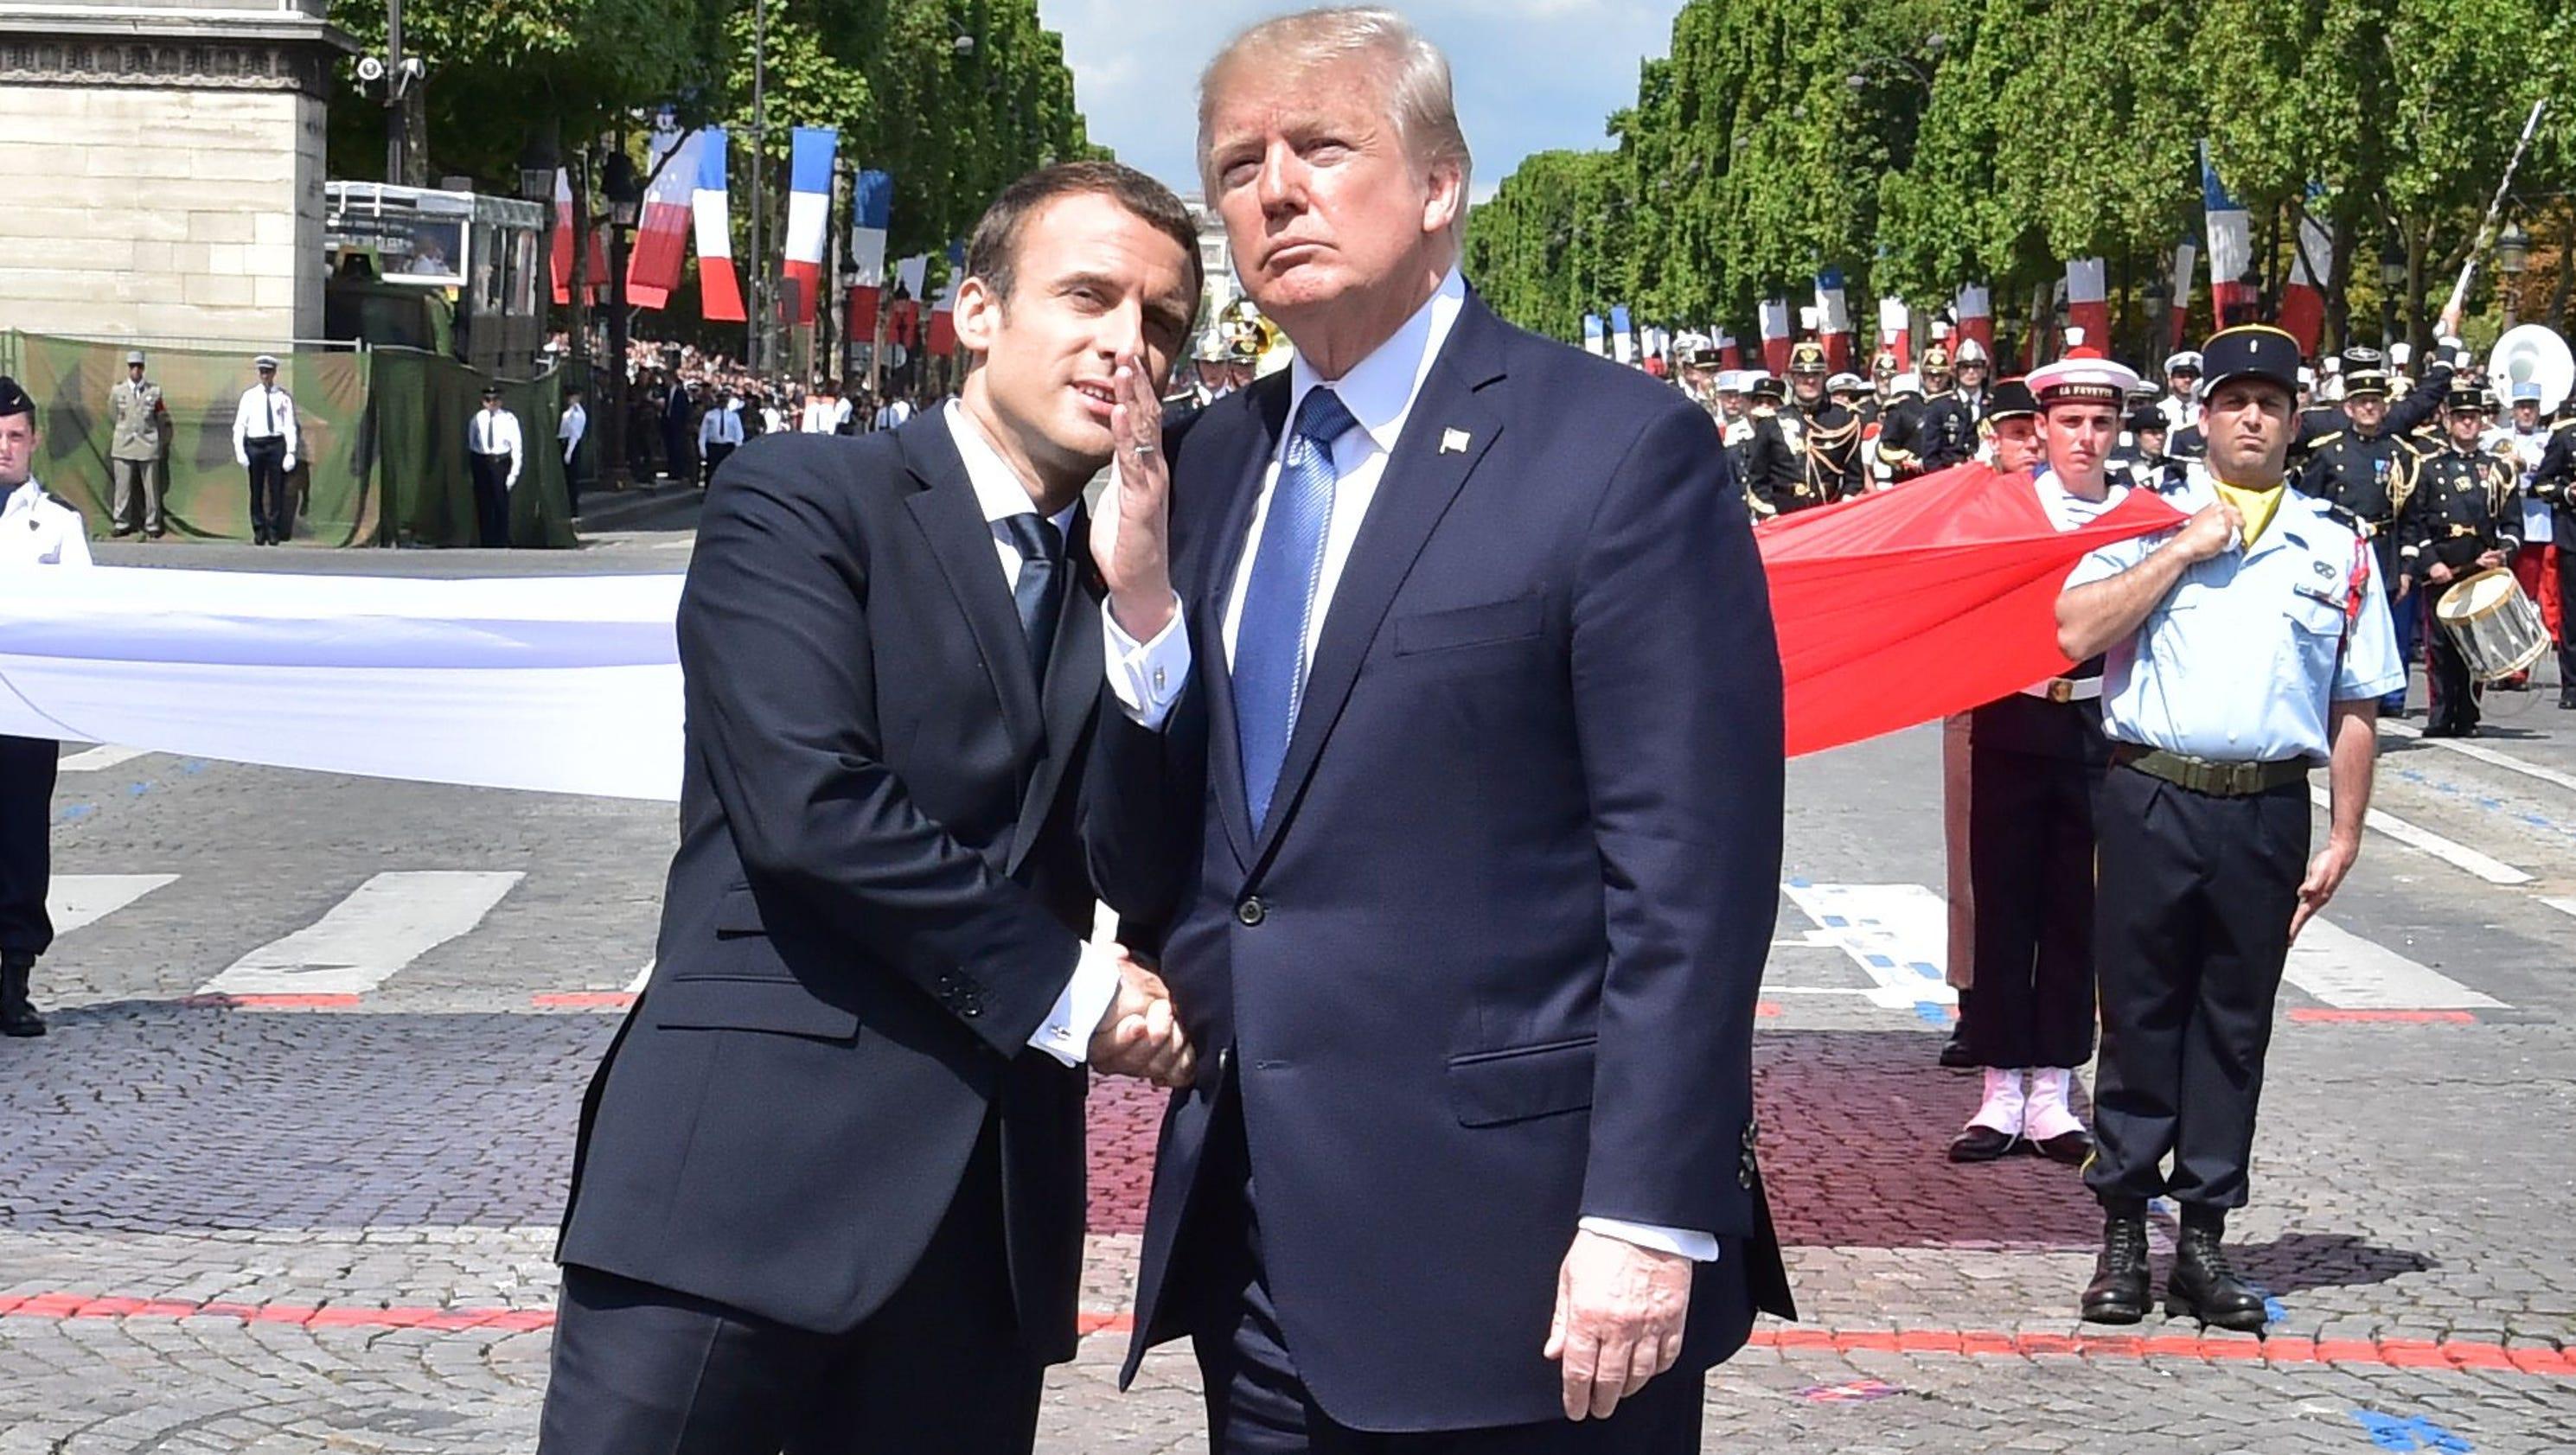 Trump and Macron share their strangest handshake yet